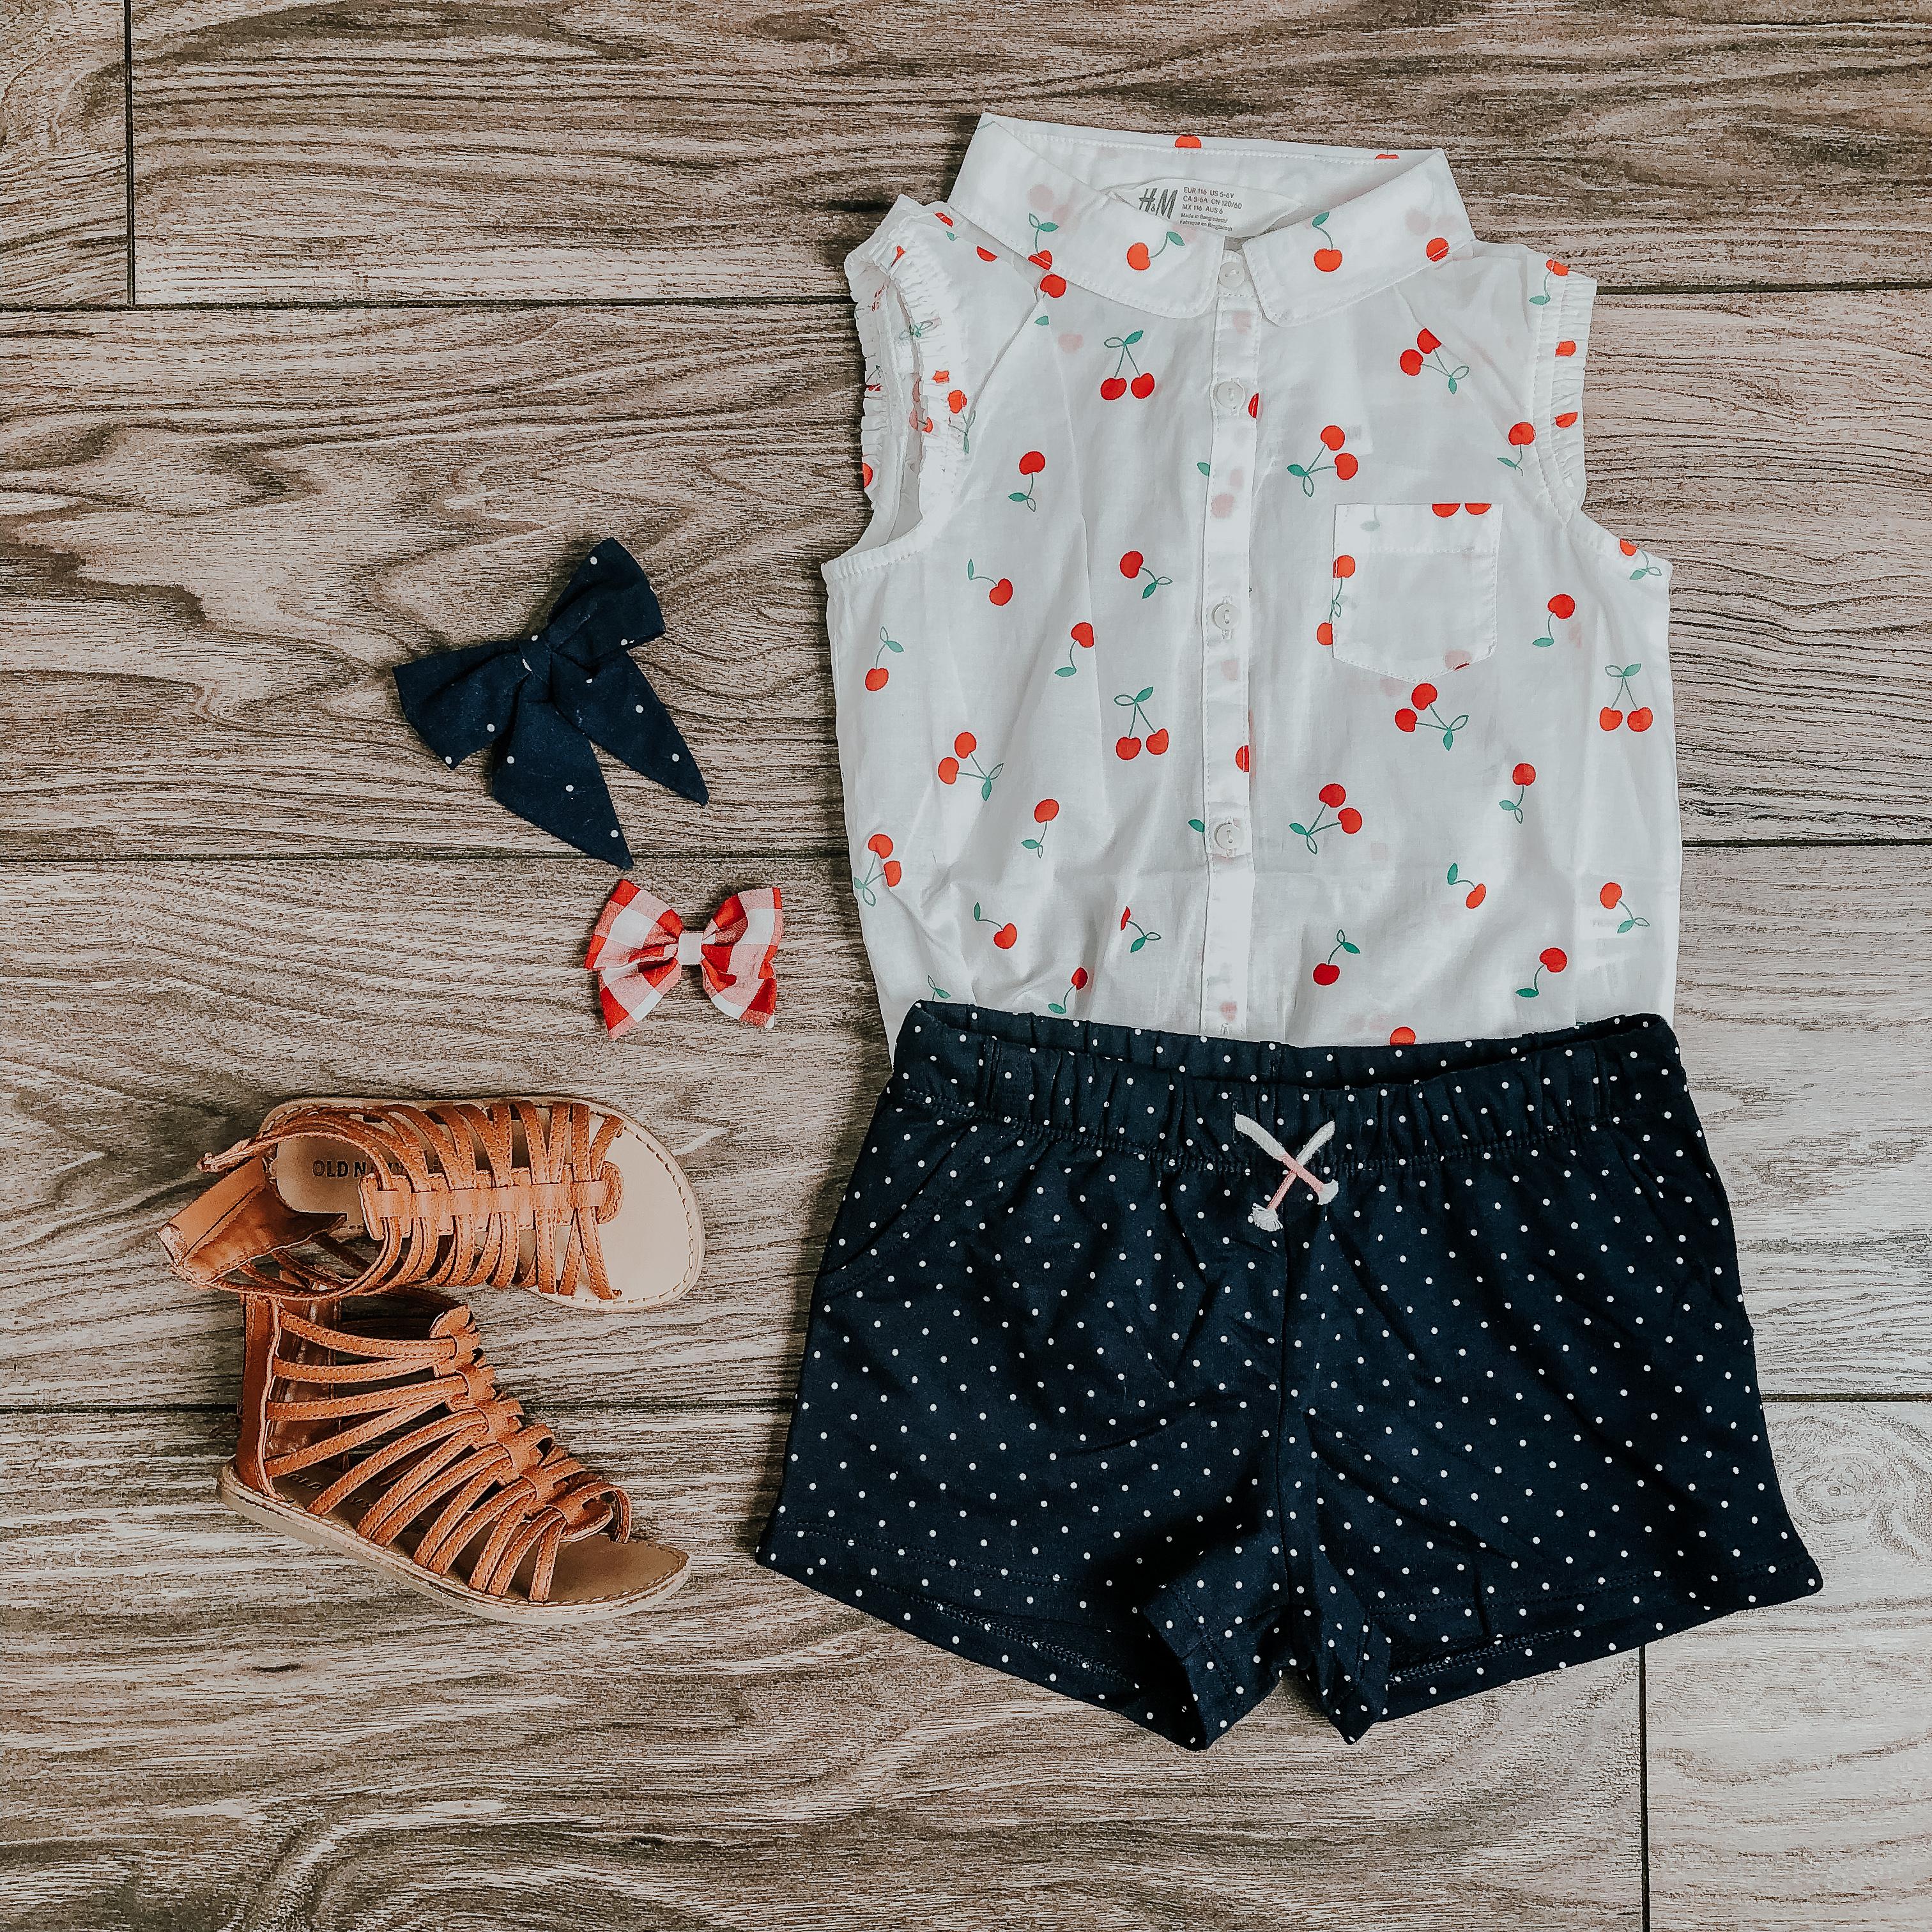 little girls summer style